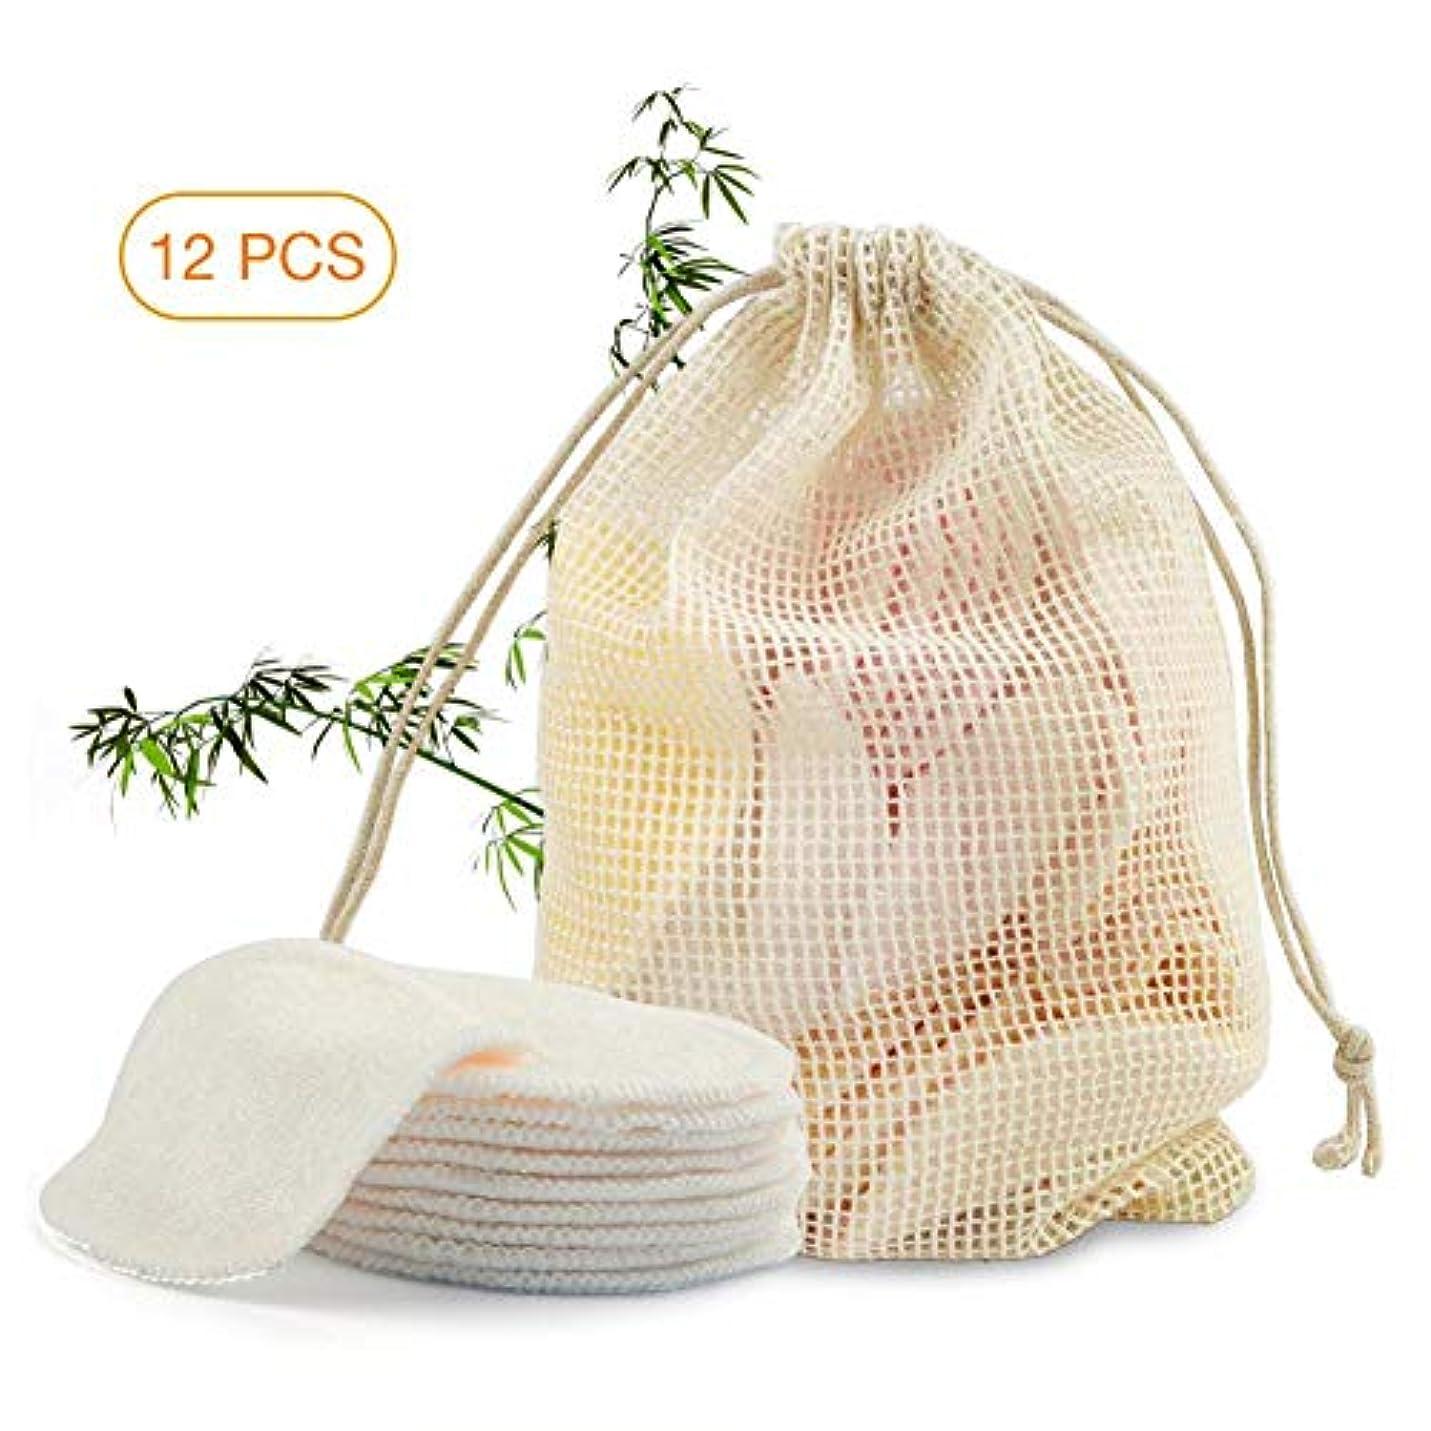 しかしながら大事にする小道具12Pcs 化粧リムーバーパッド 層竹繊維 化粧リムーバー 洗える 化粧コットン 洗浄顔スキンクリーニング 8センチ